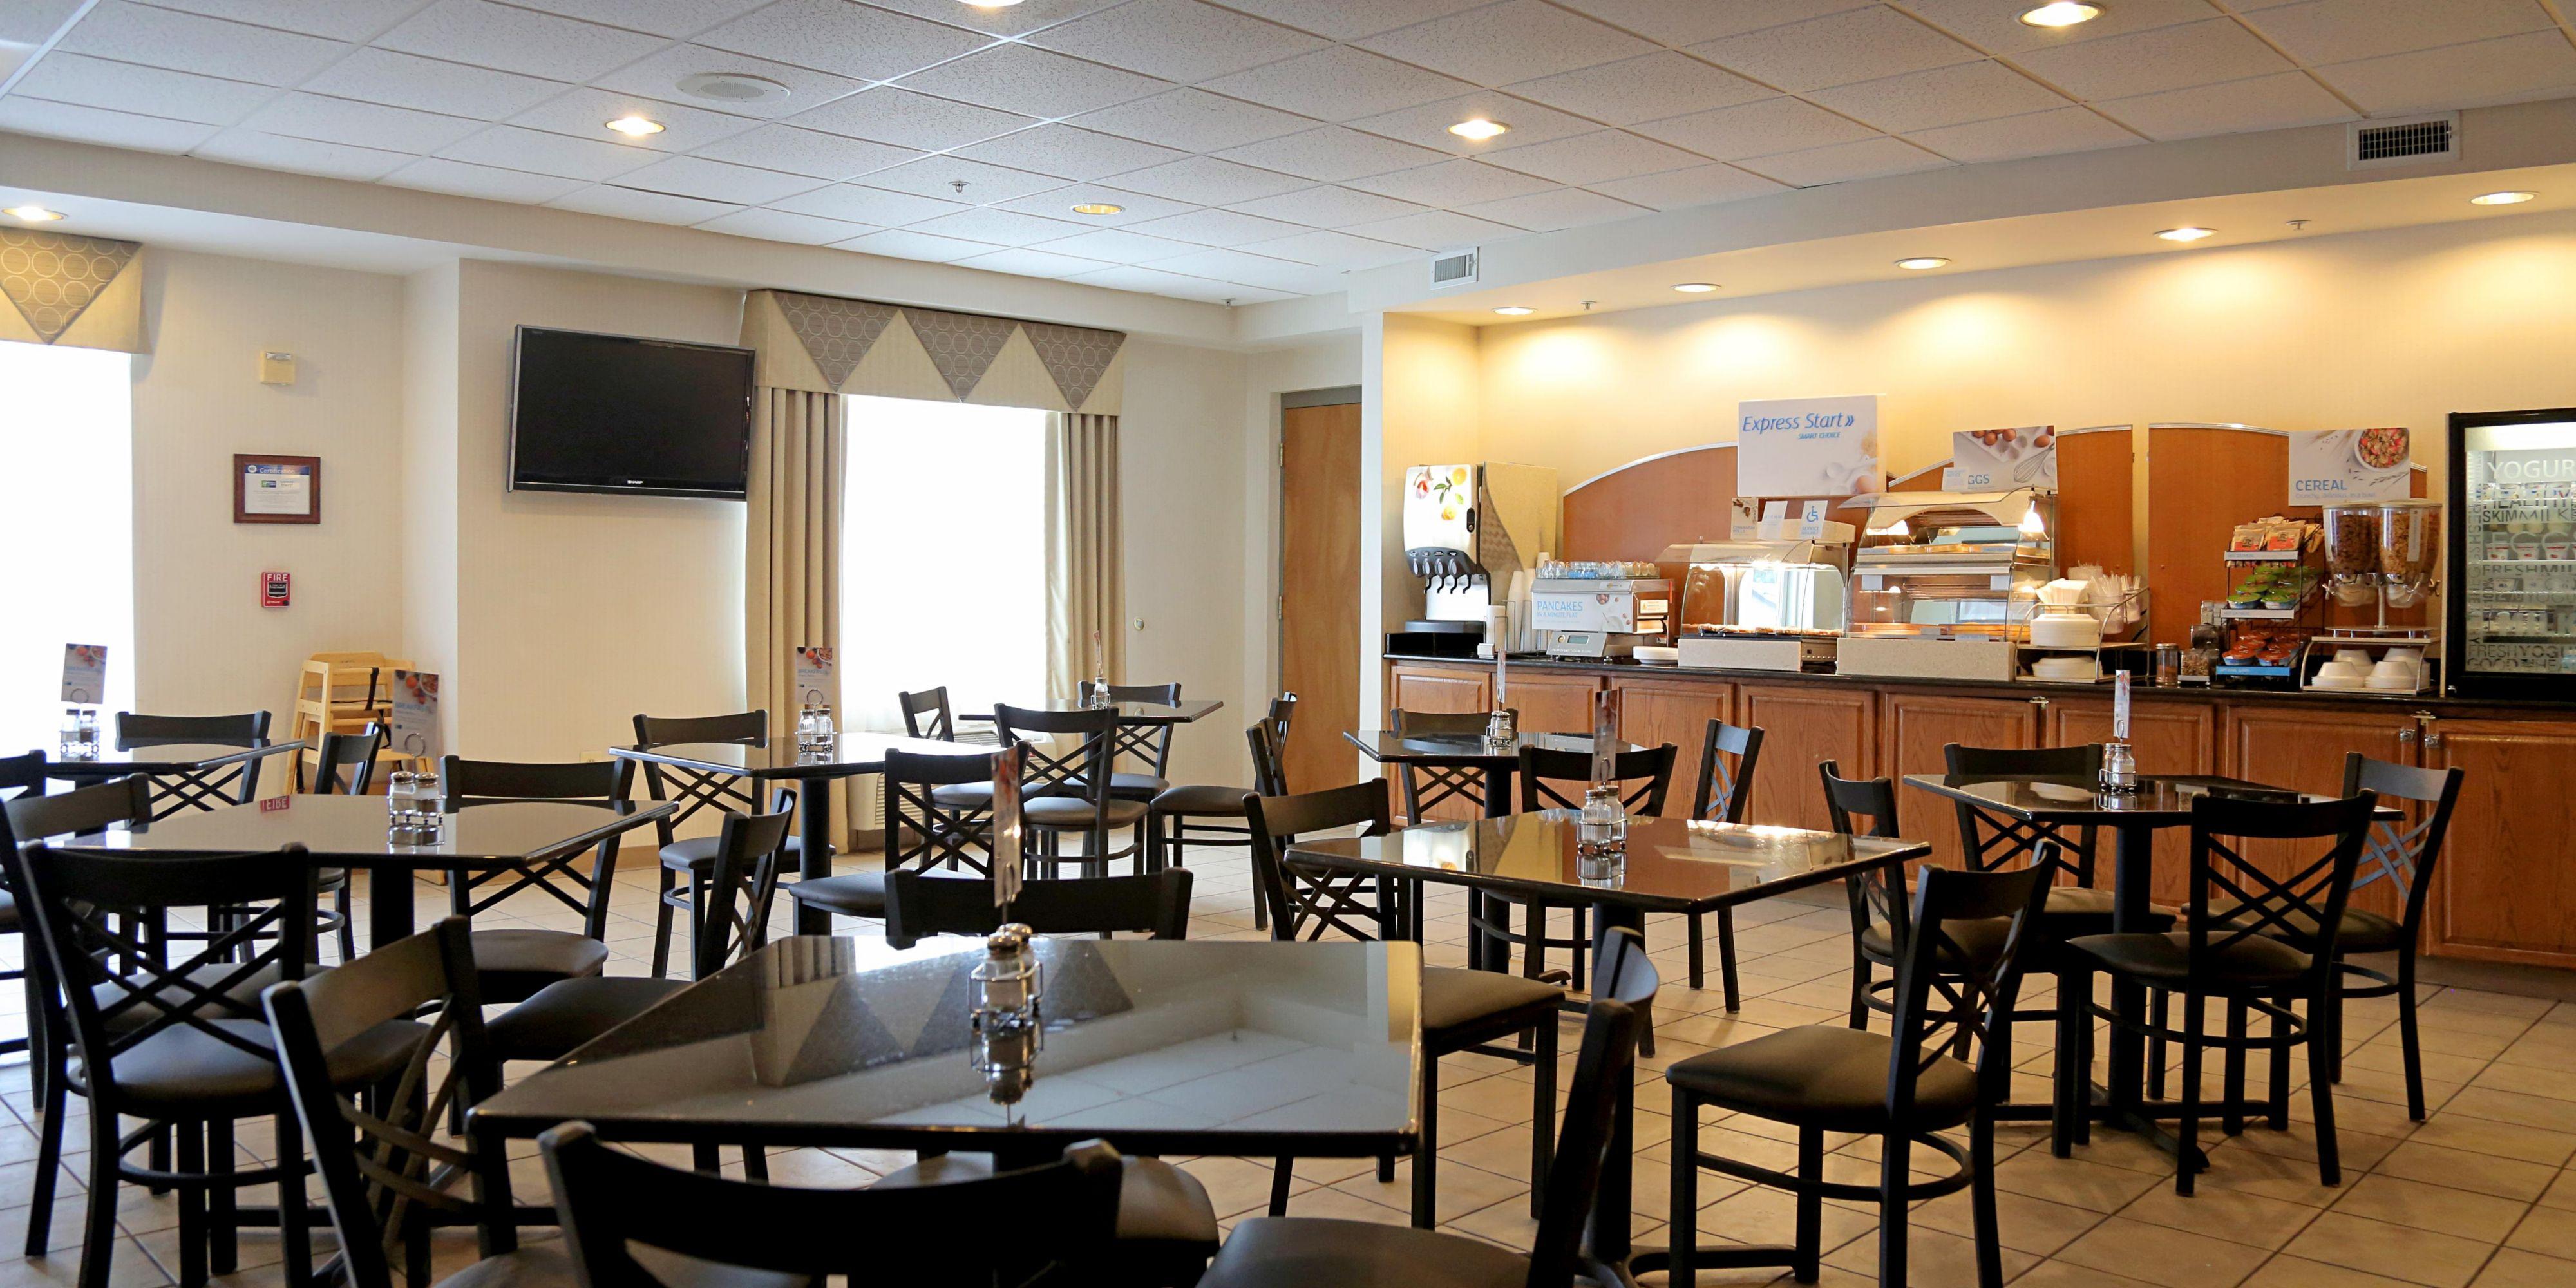 Holiday Inn Express Bethany Beach 4335107947 2x1